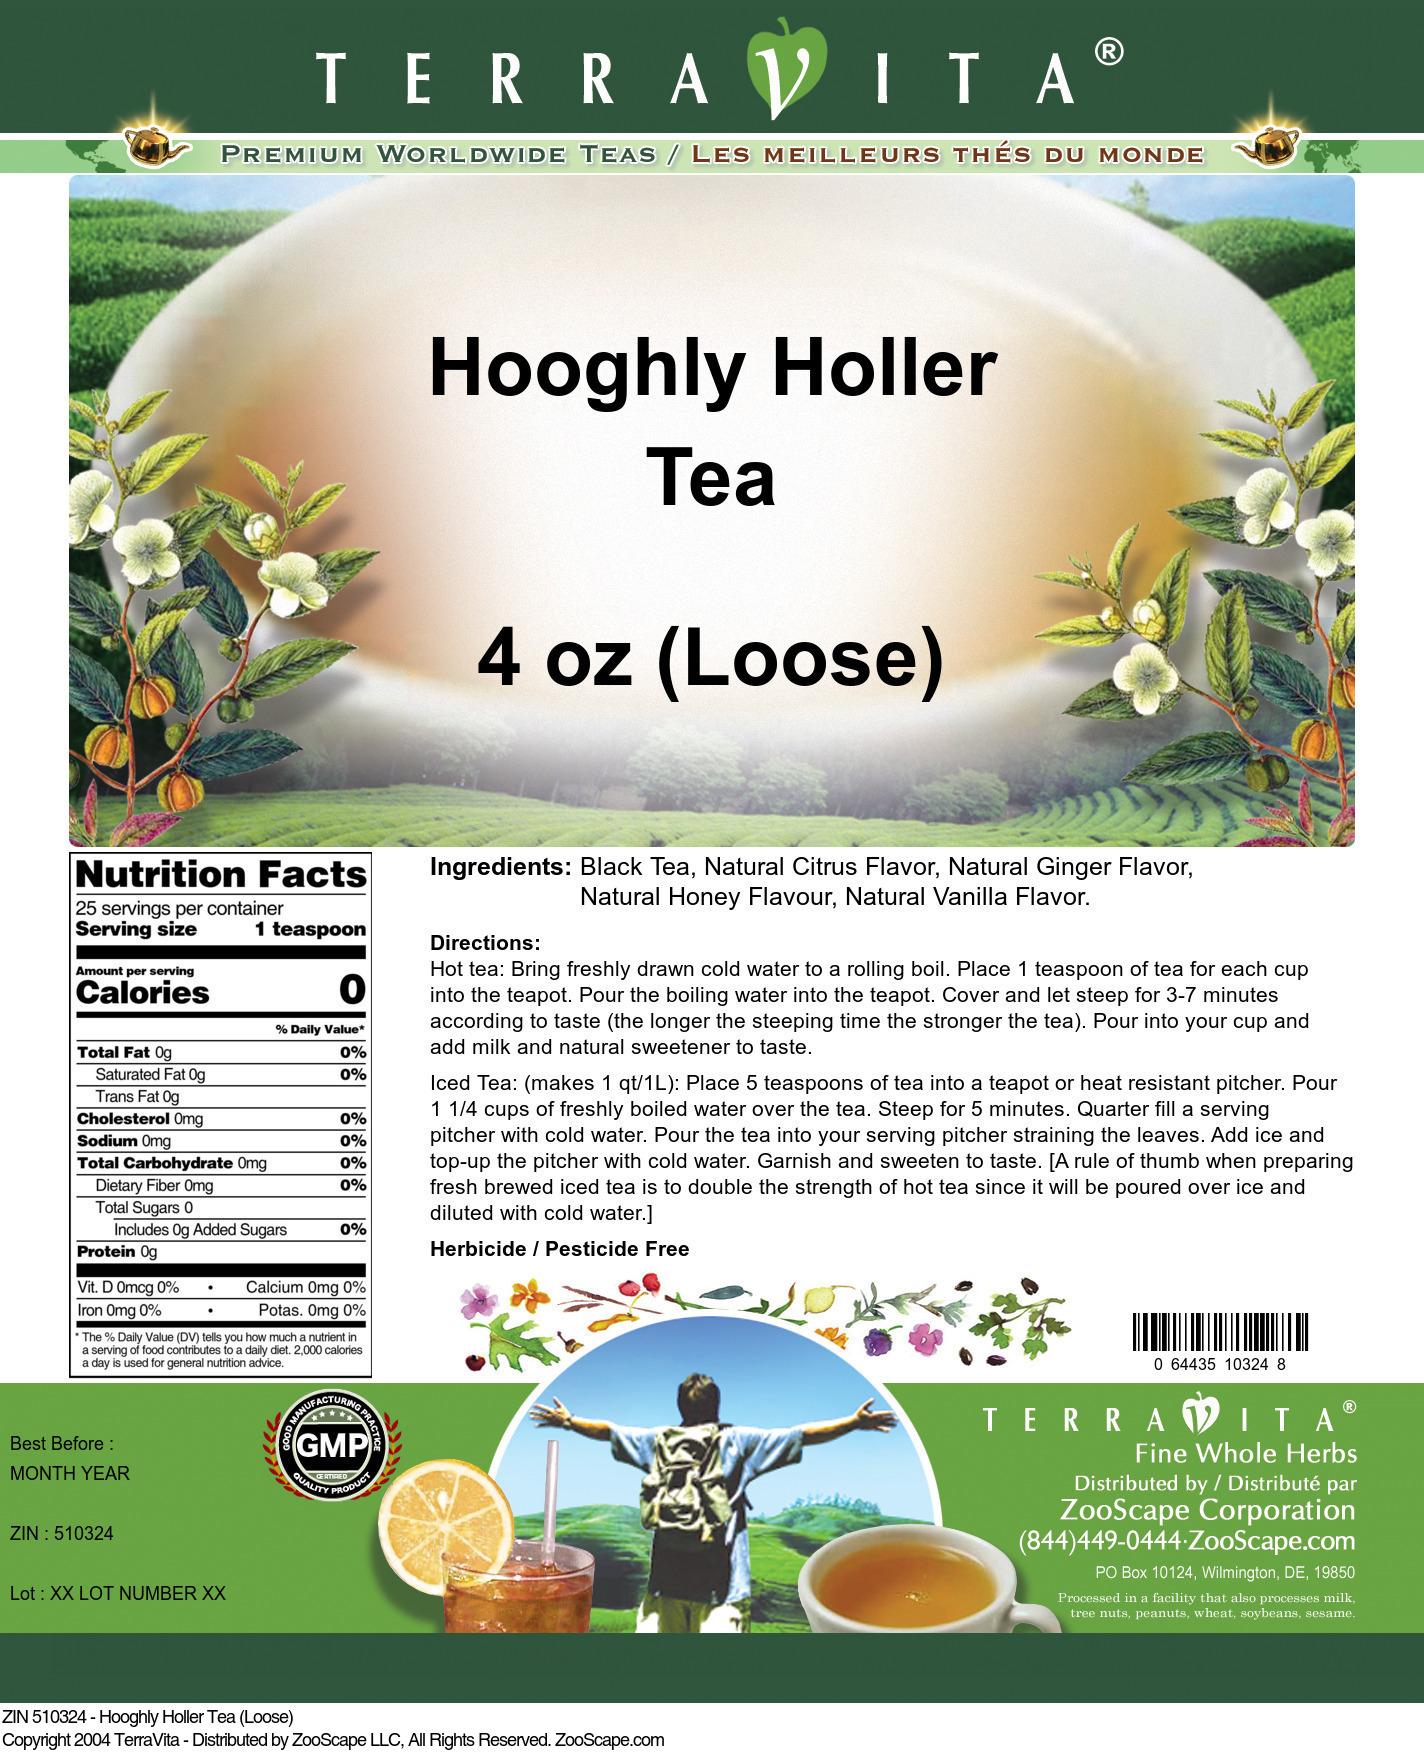 Hooghly Holler Tea (Loose)